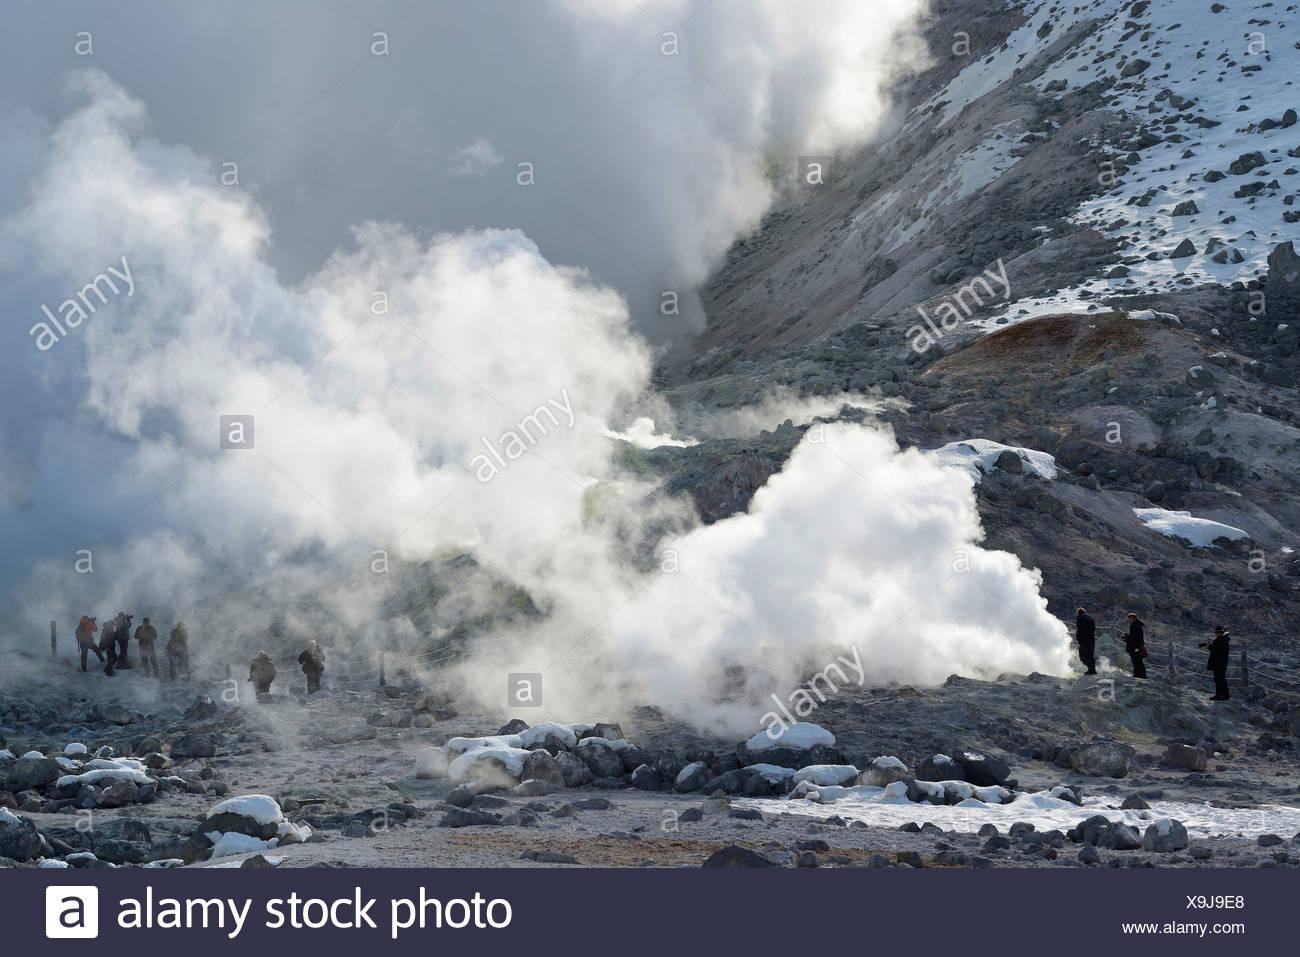 Les touristes à l'fumerolles, géothermique région active, Kawayu Onsen, Akan-Nationalpark, Hokkaido, Japon Photo Stock